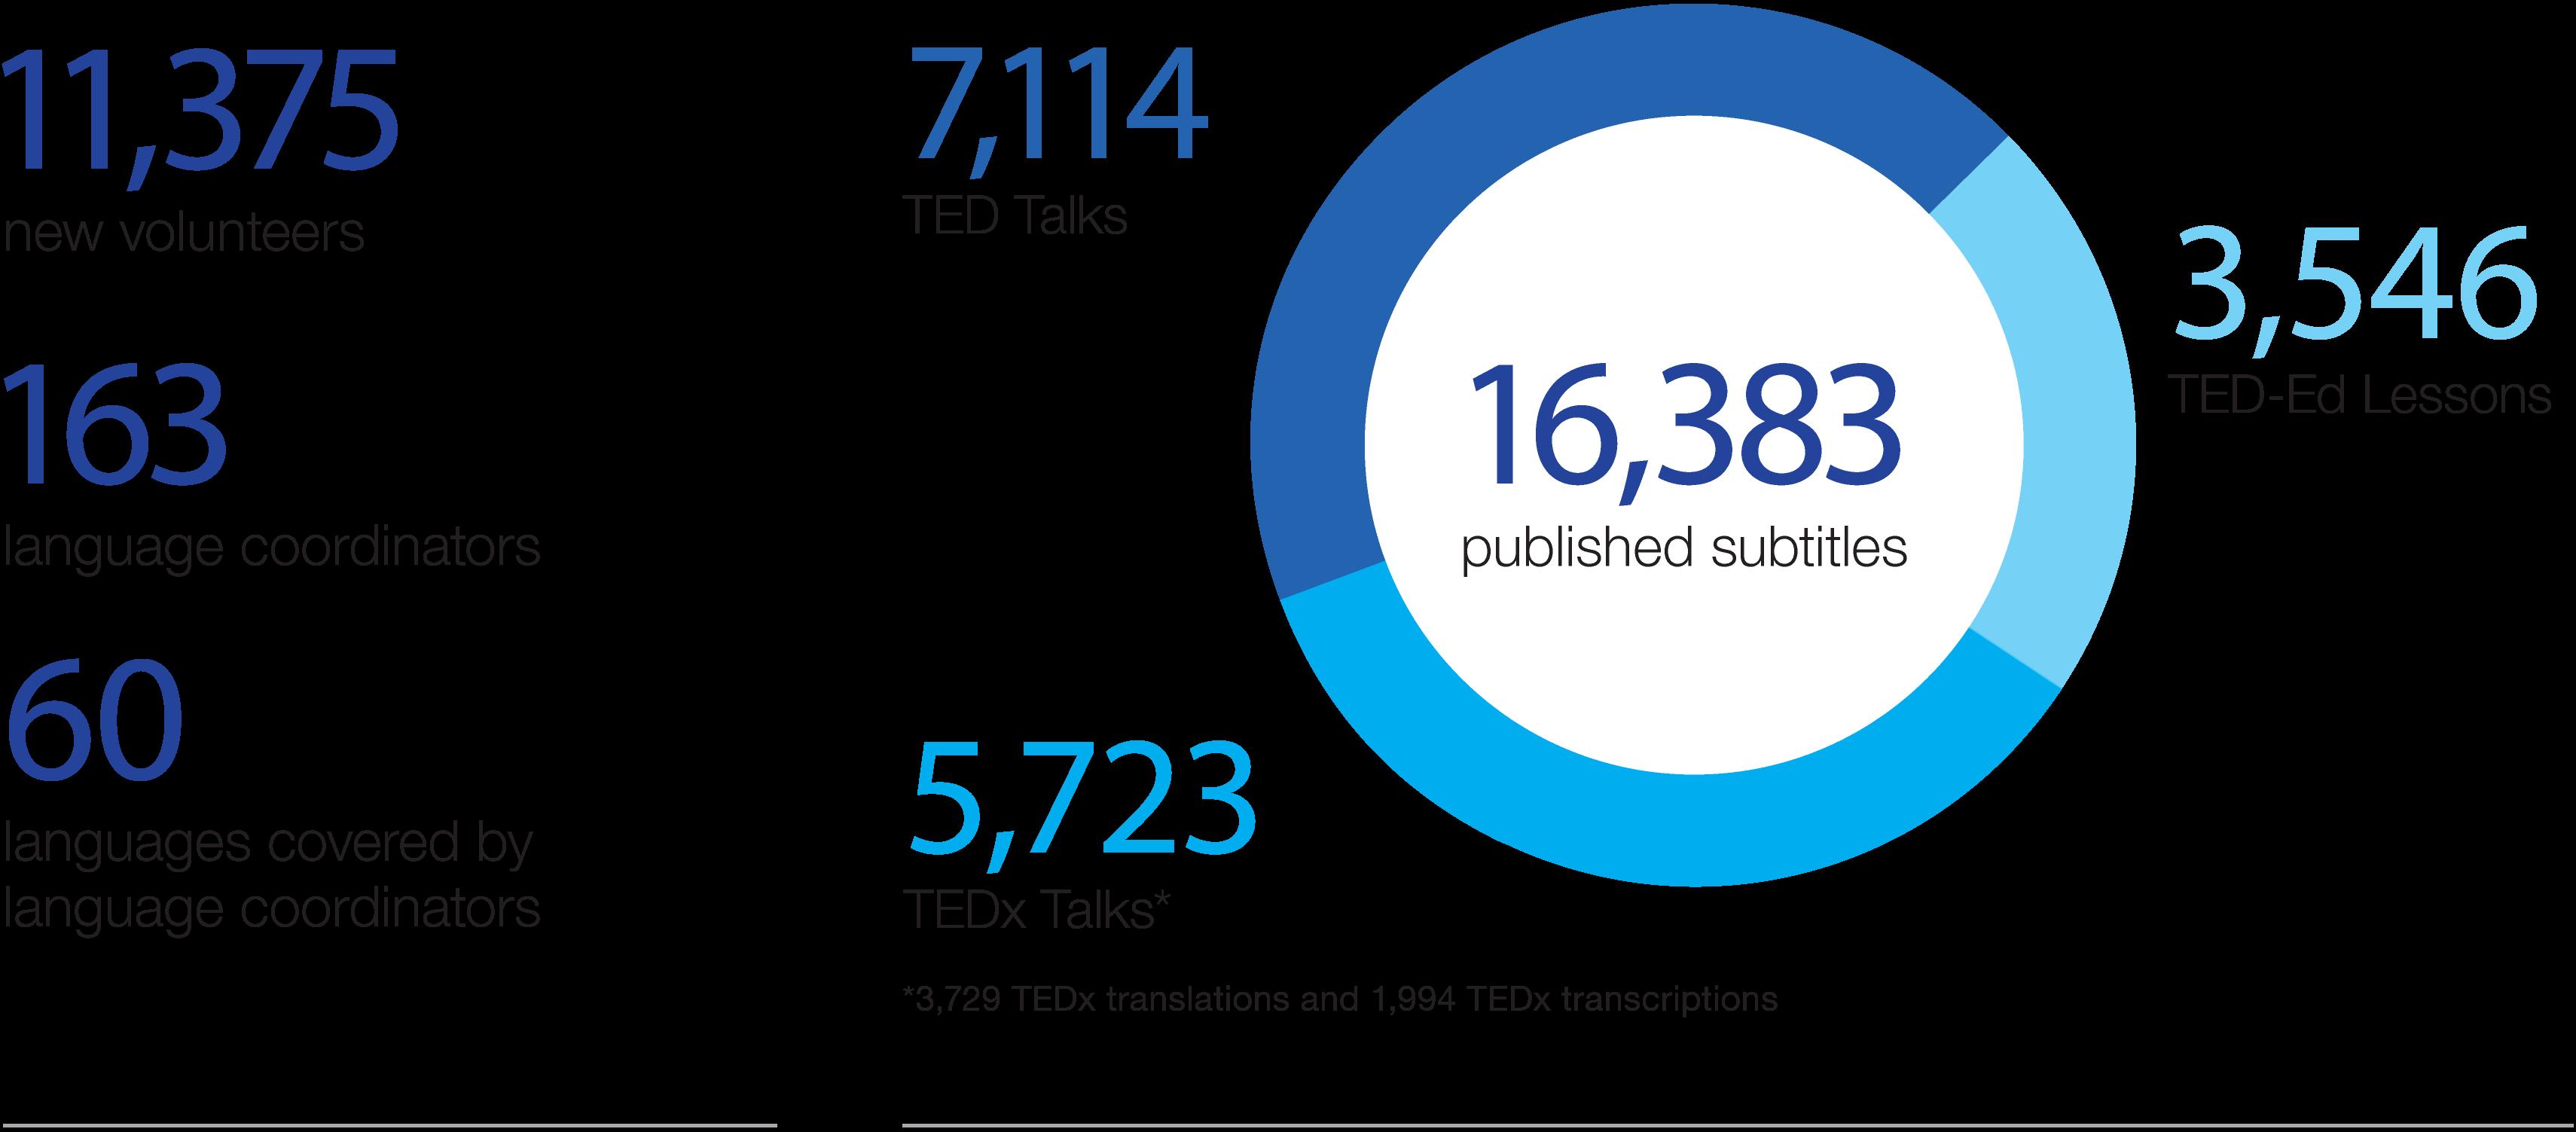 statistics on OTP volunteers + subtitles